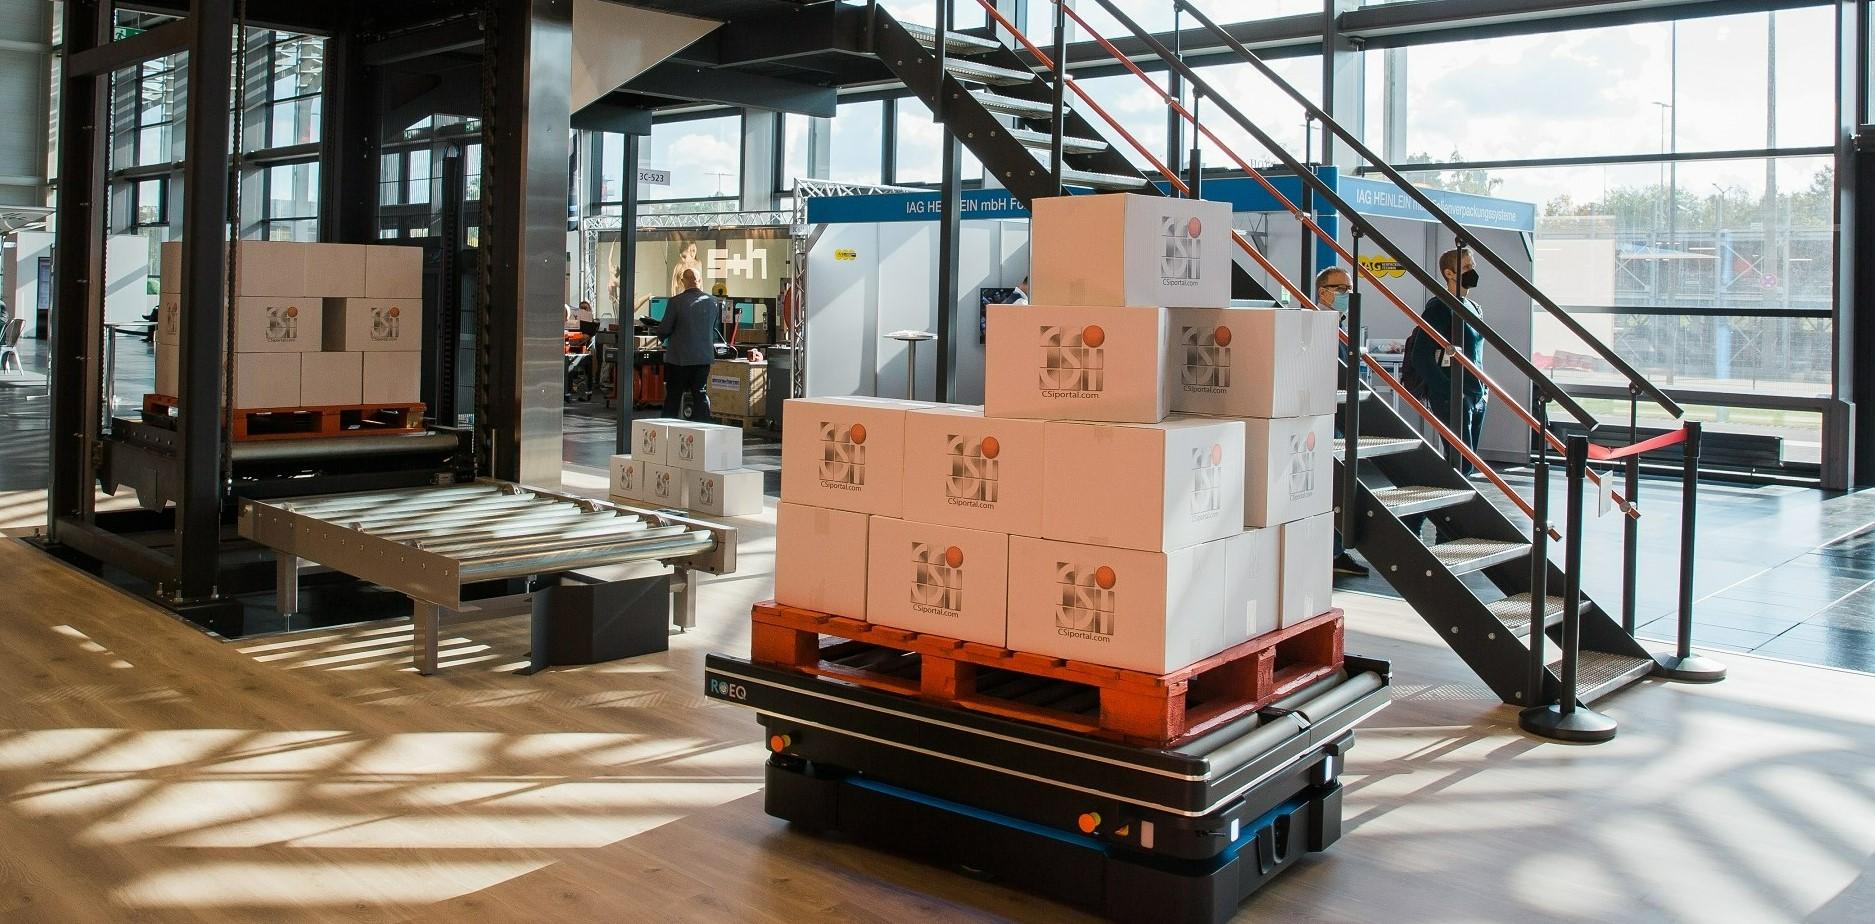 Le robot MIR150 transportant des palettes dans un entrepôt.